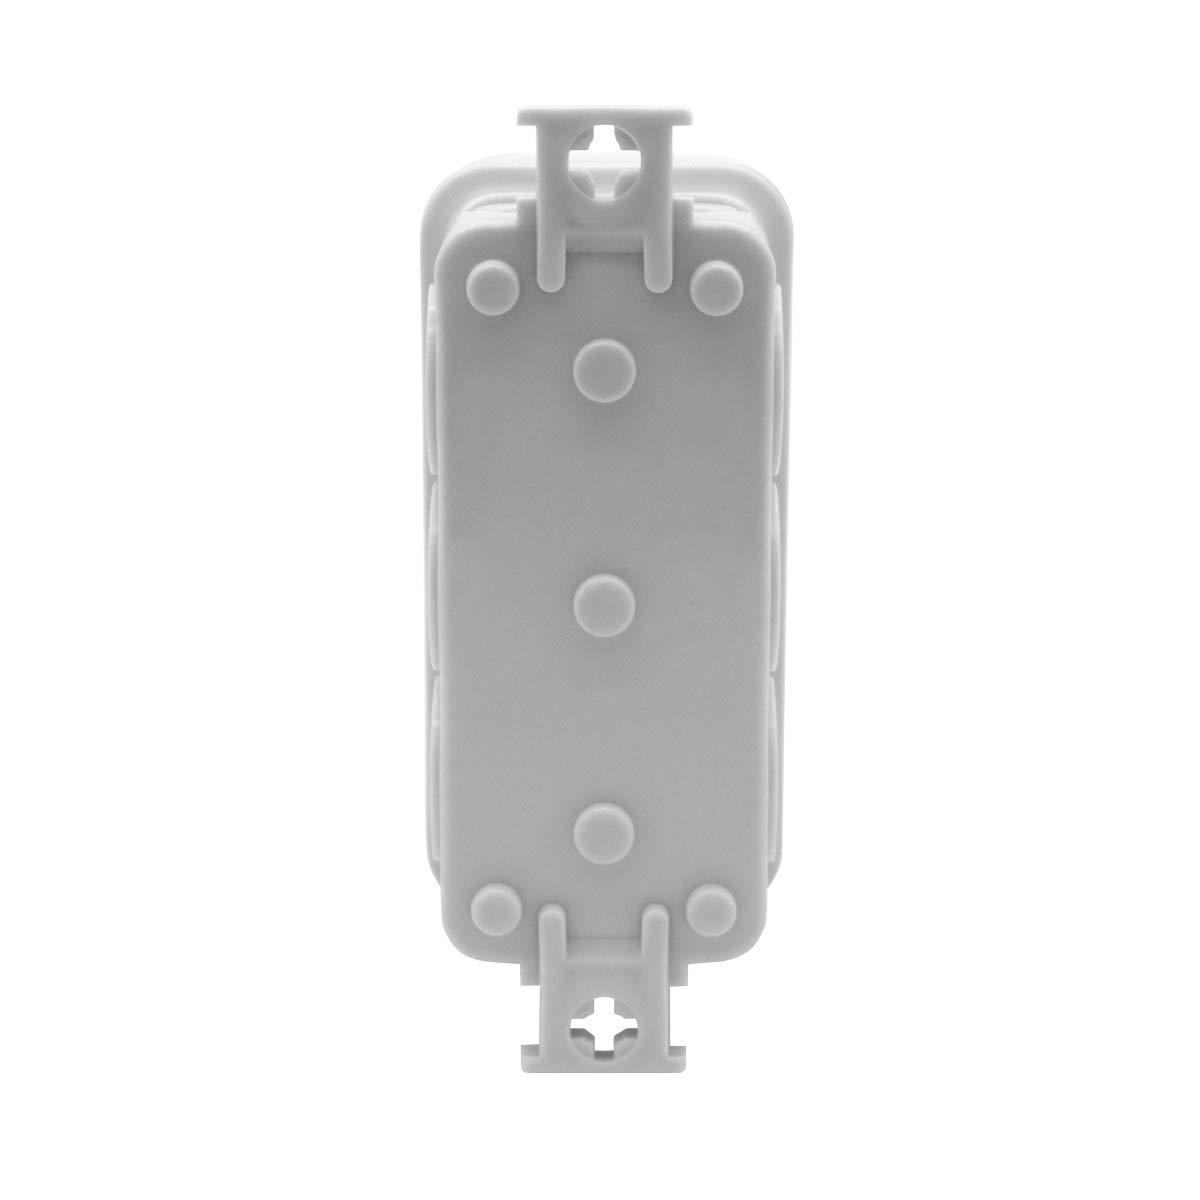 Abzweigdose Feuchtraum IP40 Dose 100 x 100 x 45 mm unterputz spritzwassergesch/ützt Kabelabzweigdose Verbindungsdosen Verteilerkasten Leergeh/äuse Verteilerdose Kunststoff leer Geh/äuse ARLI 100x100x45